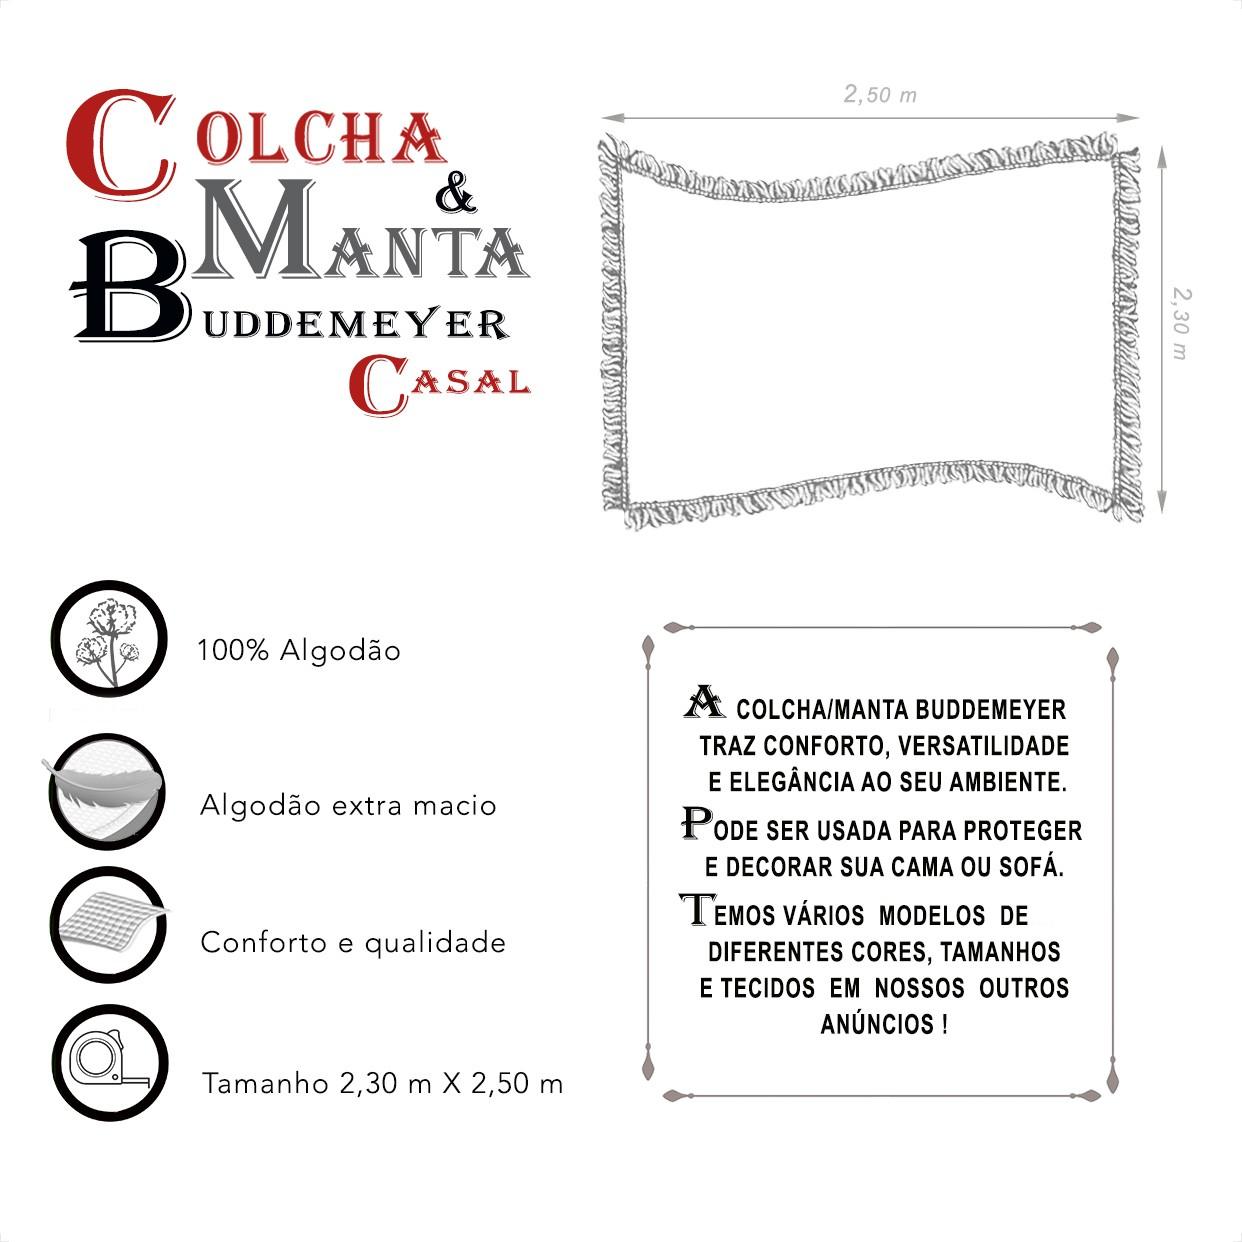 Manta e Colcha Buddemeyer Casal Crua 2,30m x 2,50m